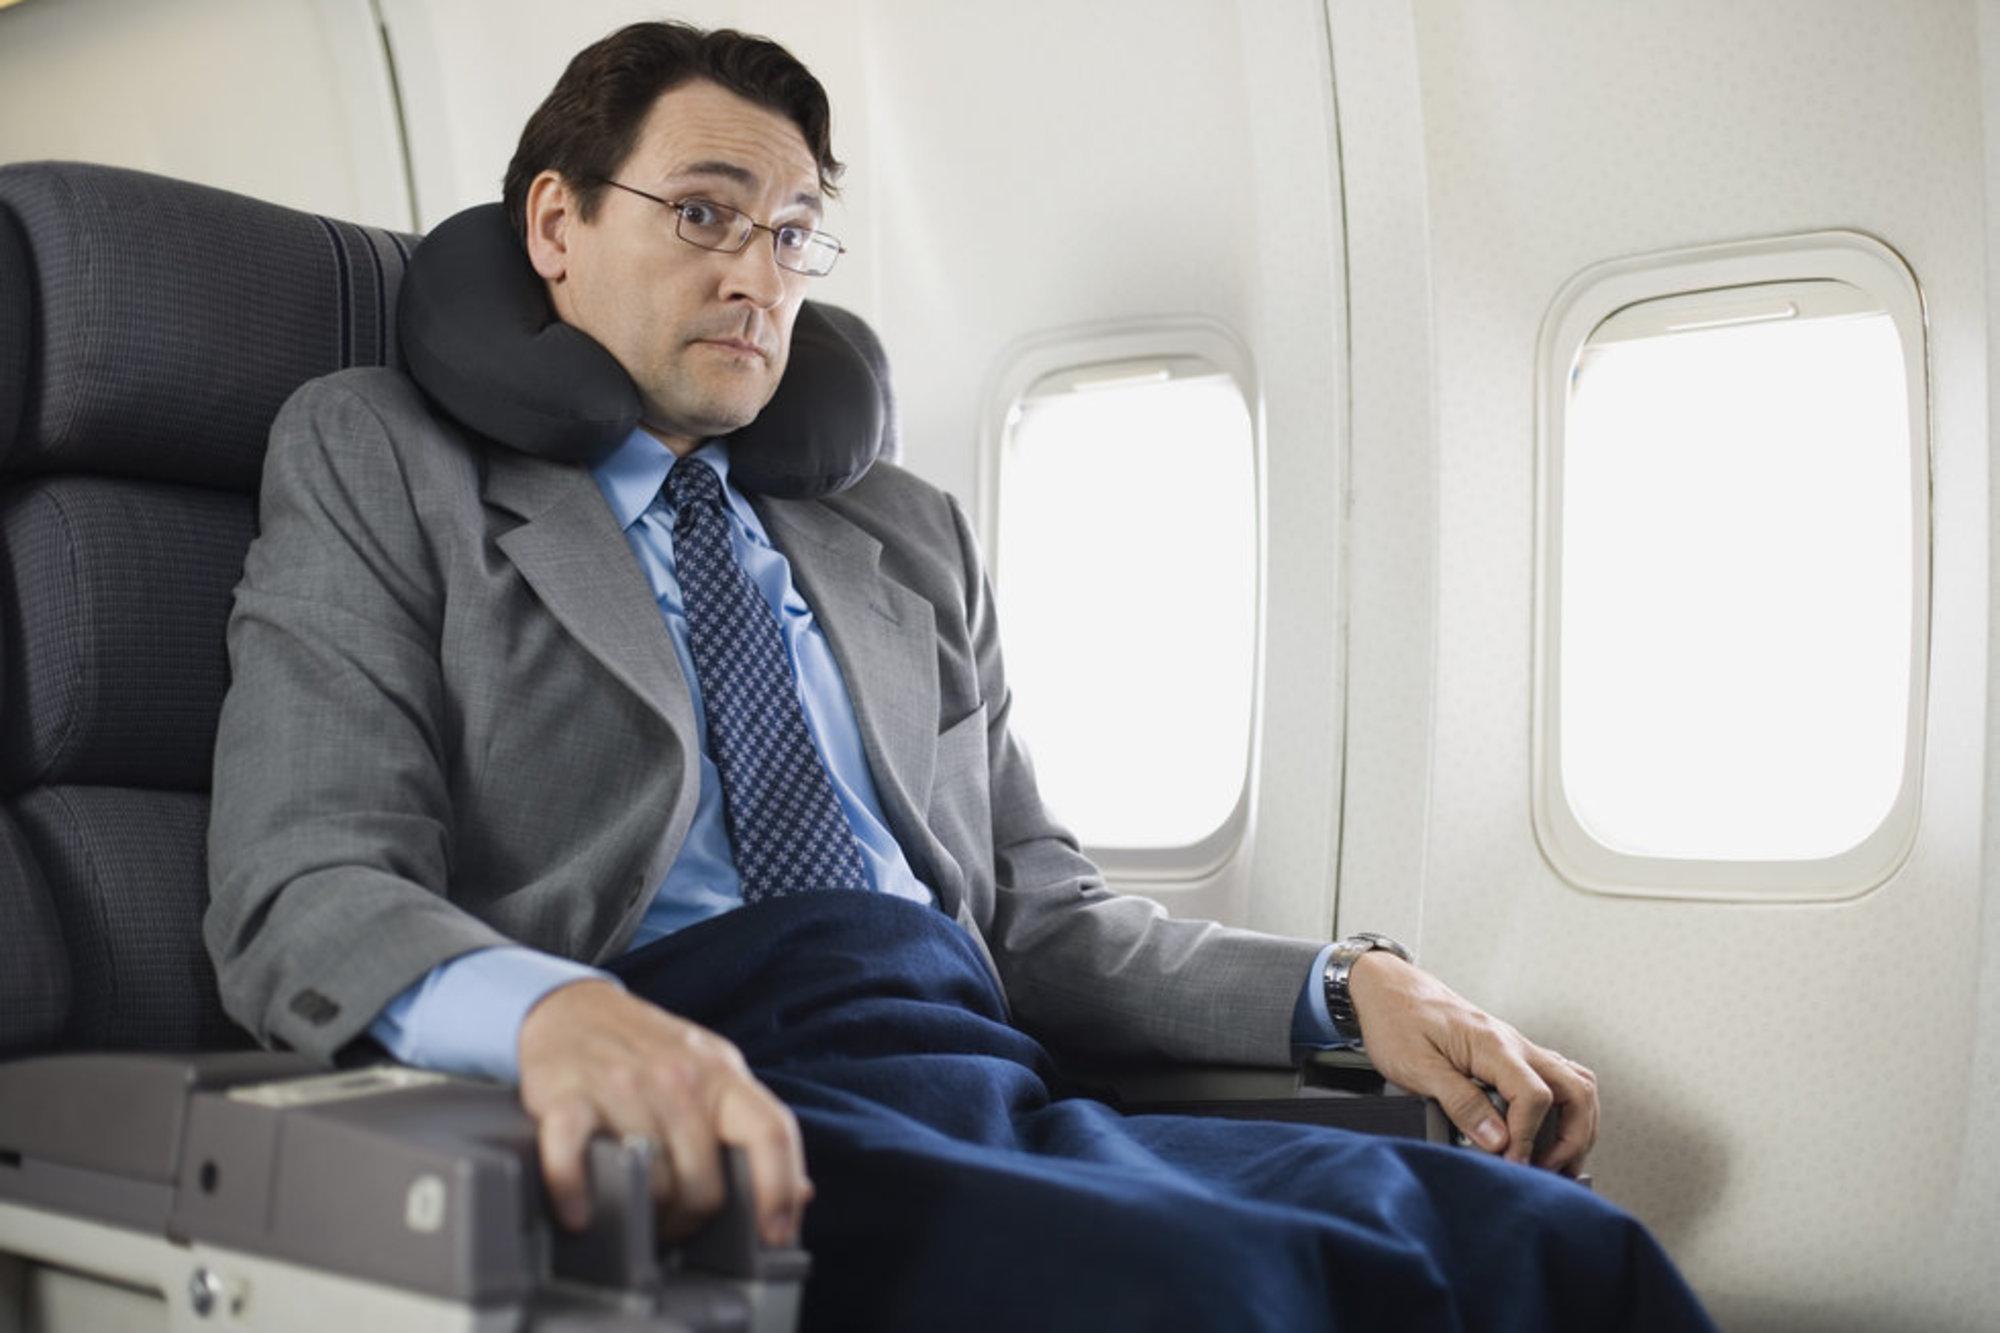 На что обращают внимание бортпроводники, когда вы проходите на посадку в самолёт